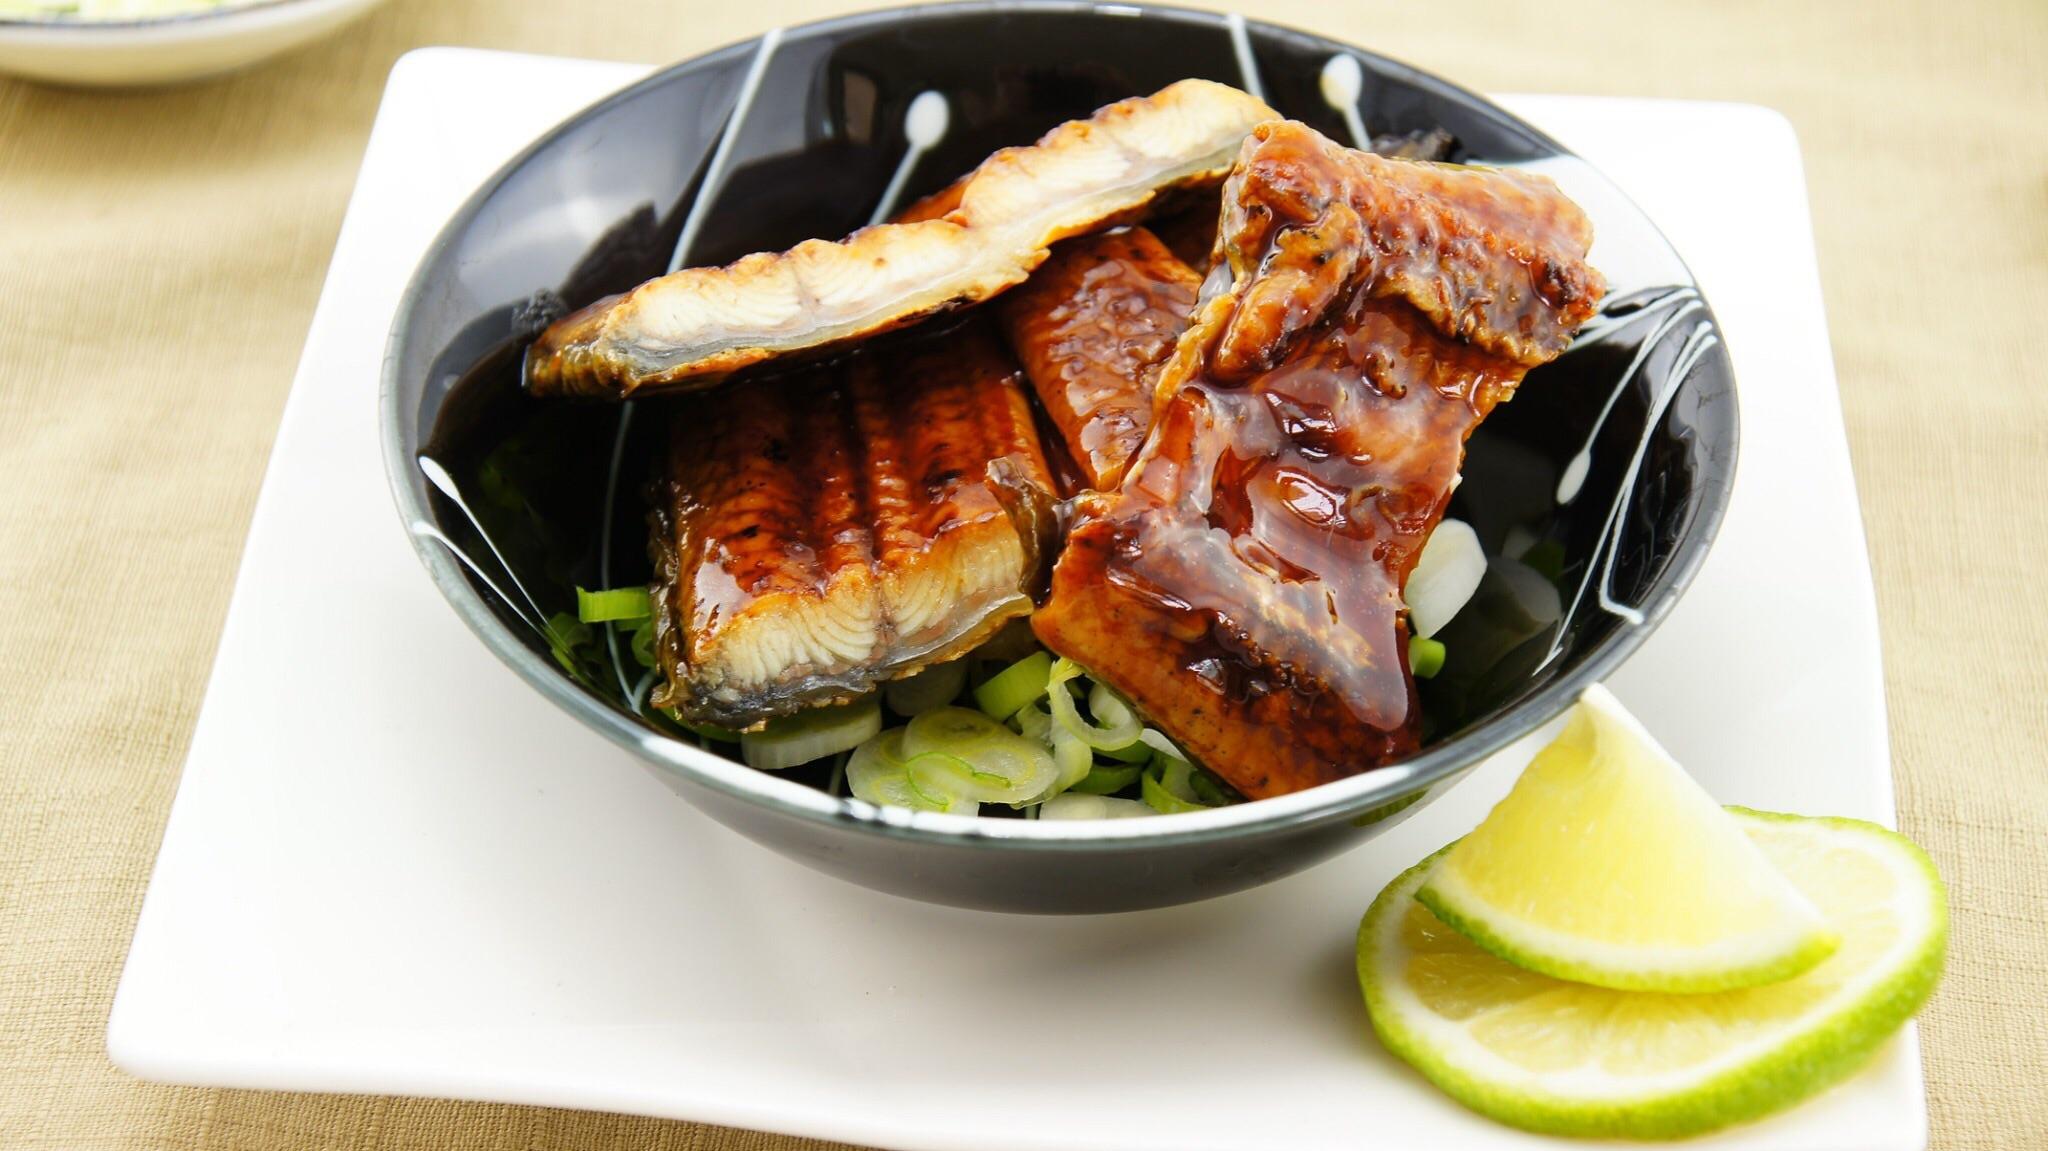 【祐全蒲燒鰻】日式蒲燒鰻魚-167g/尾x1尾入 ,另有禮盒包裝.是您選購水產送禮的好選擇.